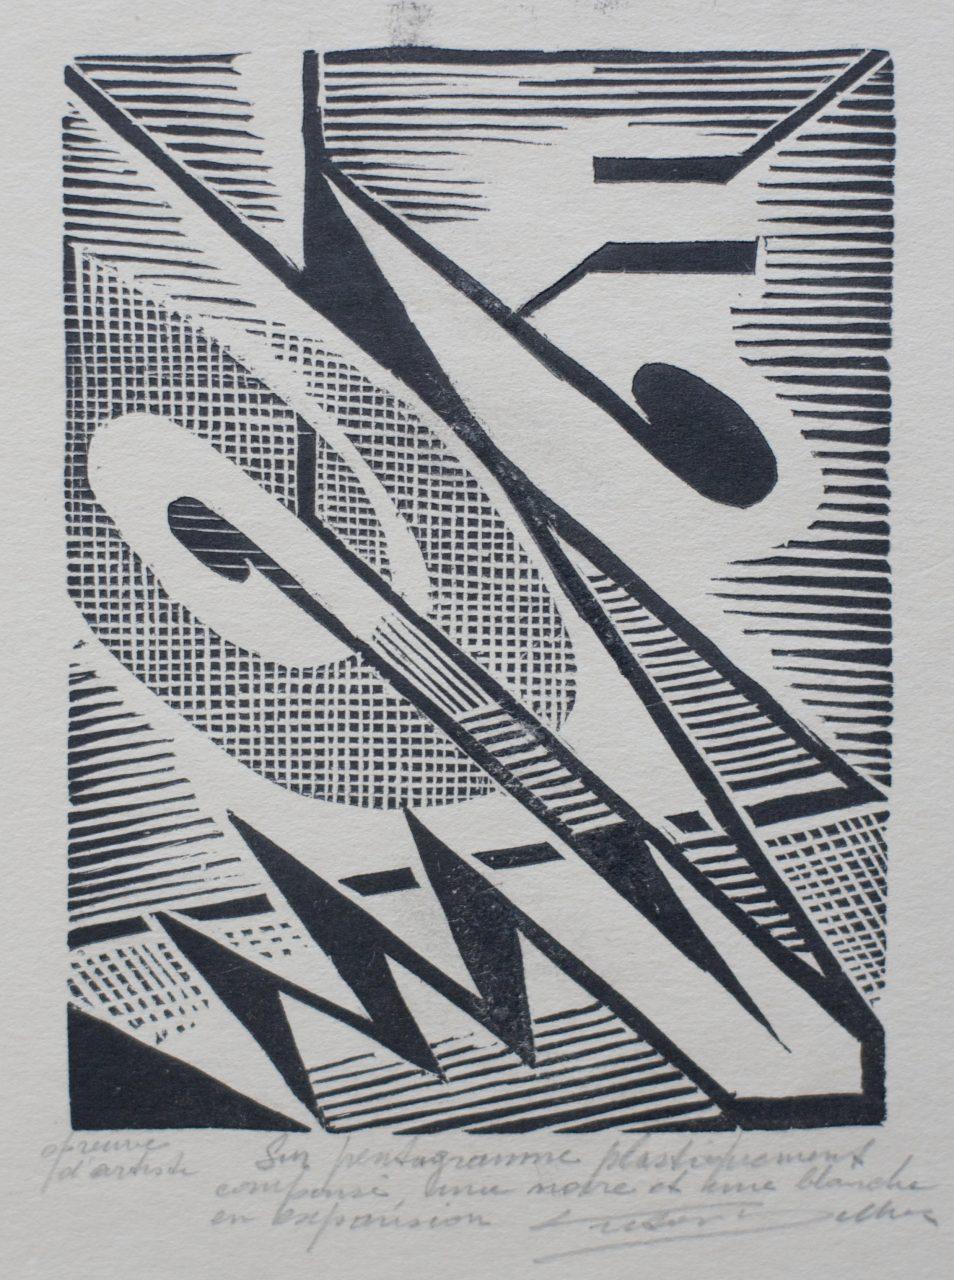 Victor Delhez Op een plastisch gekomposeerd pentagram II